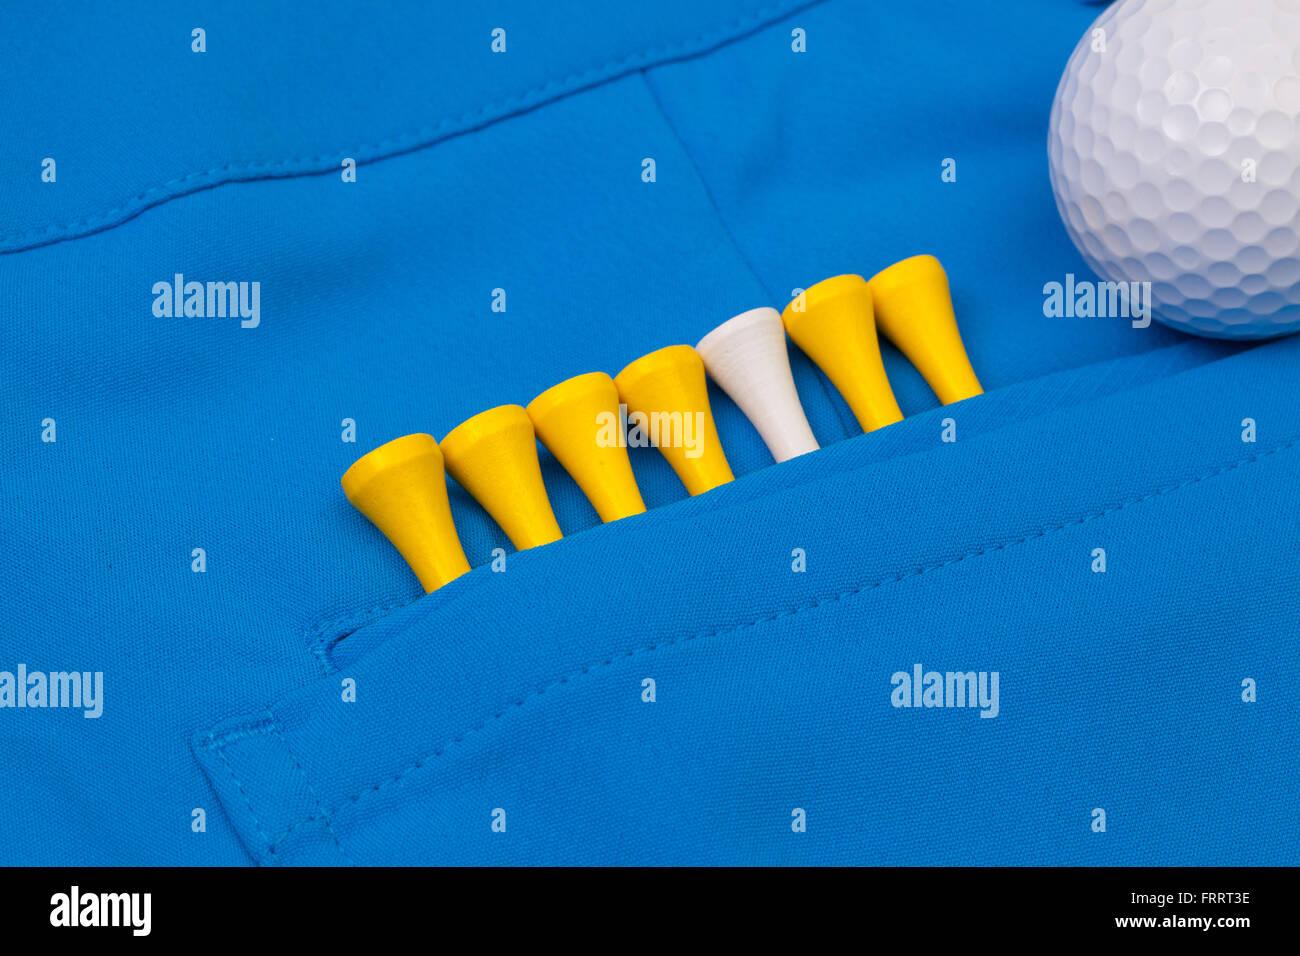 Dettaglio dei pantaloni blu e attrezzature da golf Immagini Stock